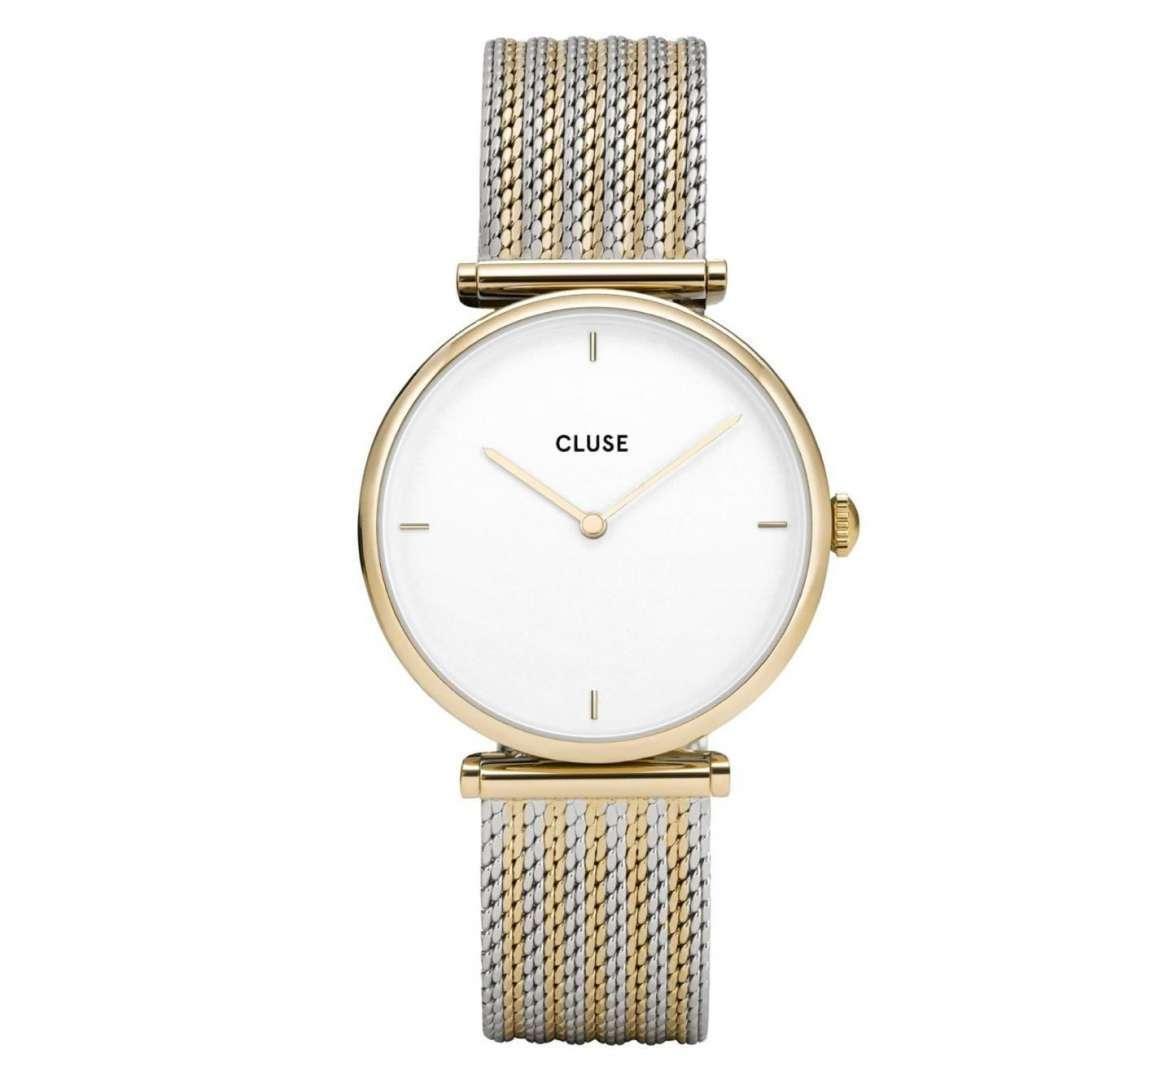 שעון יד אנלוגי cluse cl61002 קלוז